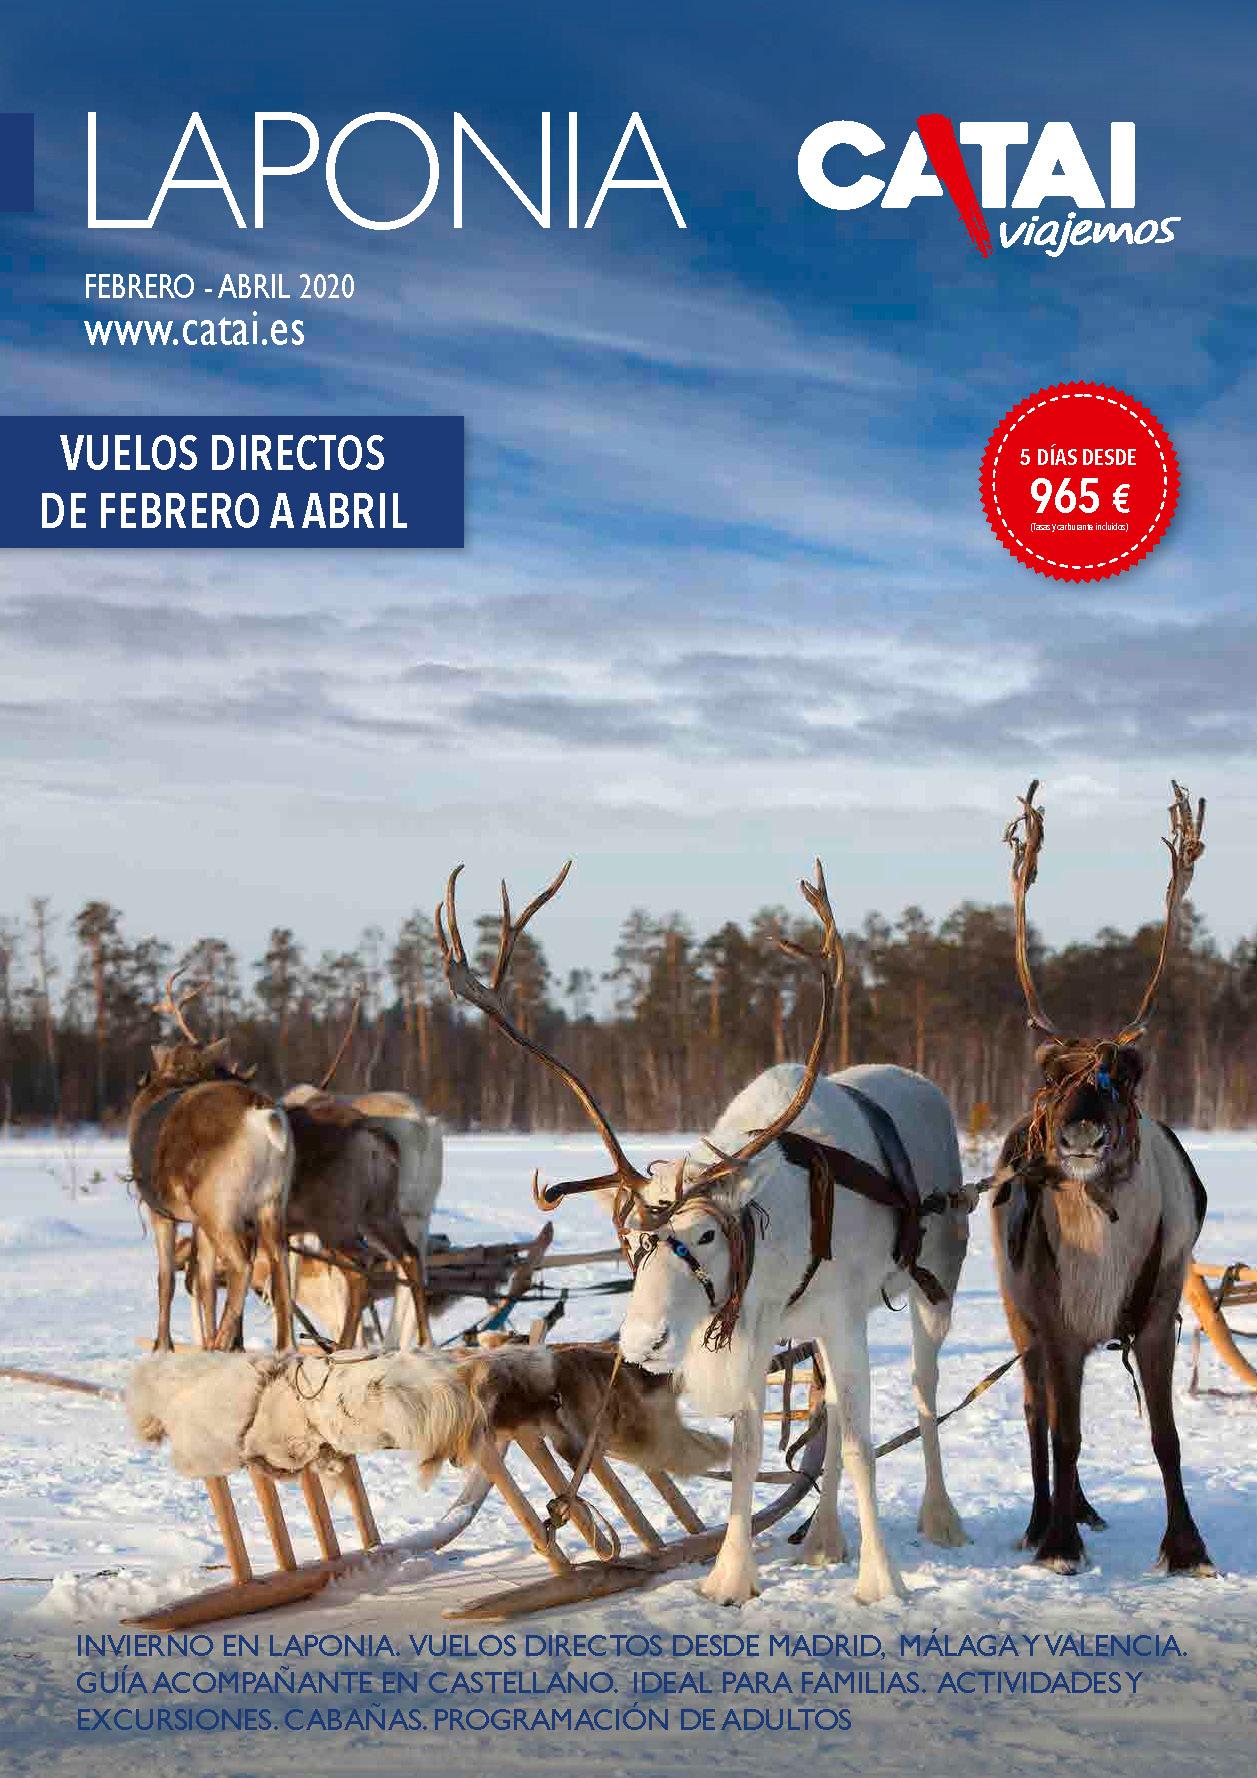 Diptico Catai Laponia Invierno 2020